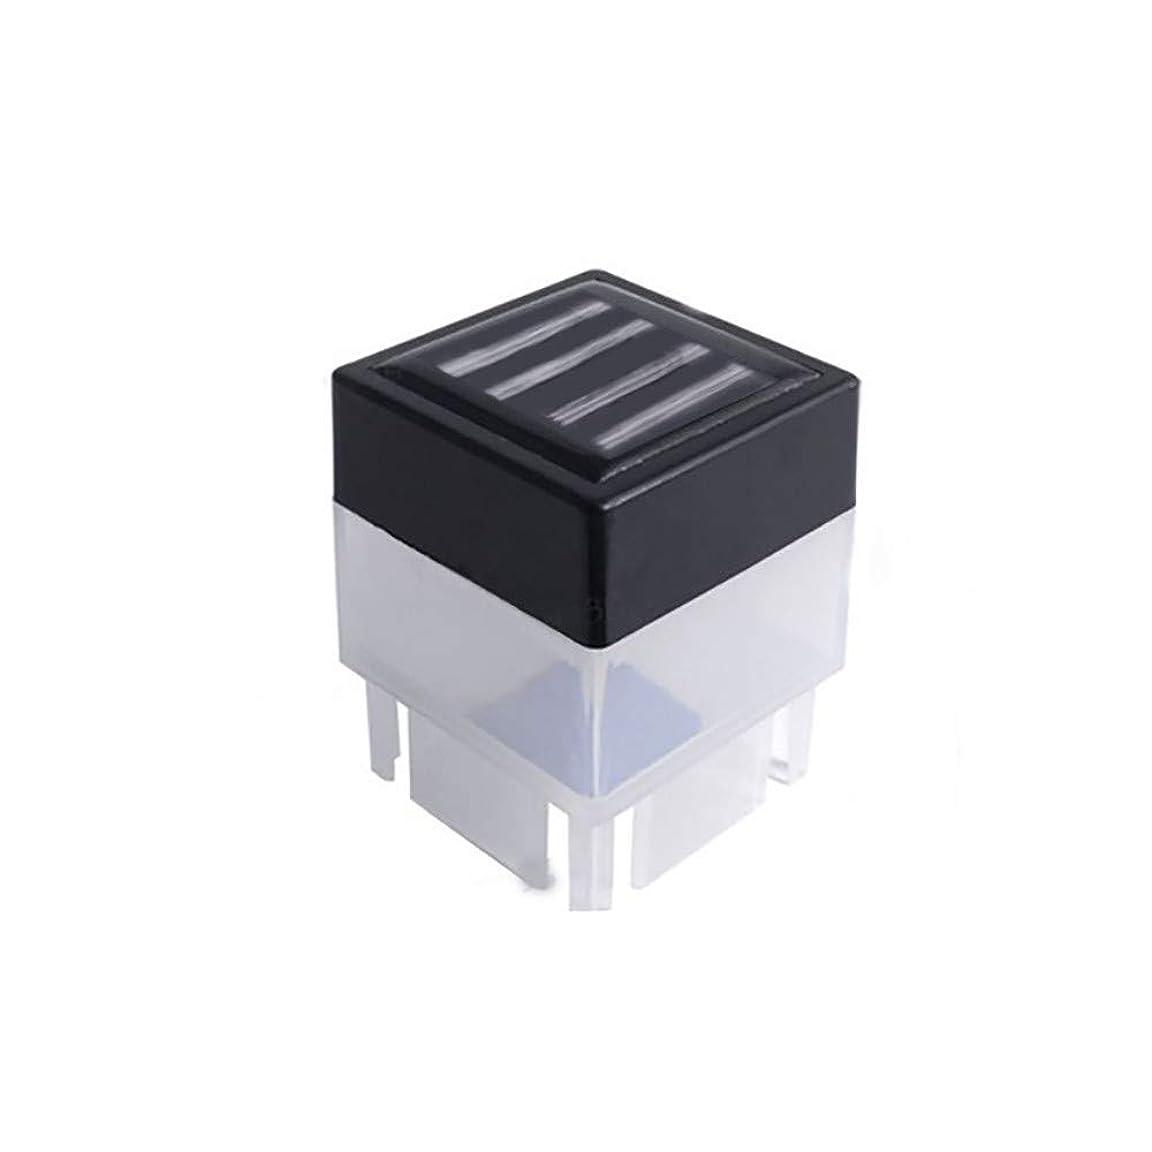 送信するコンピューターグレードLED電球 ソーラーライト 風景ライト 屋外照明 防犯ライト 自動点灯 太陽光発電 取り付け簡単 ボーダー、プールフェンス、ガーデンフェンスなどに適しています (ホワイト)